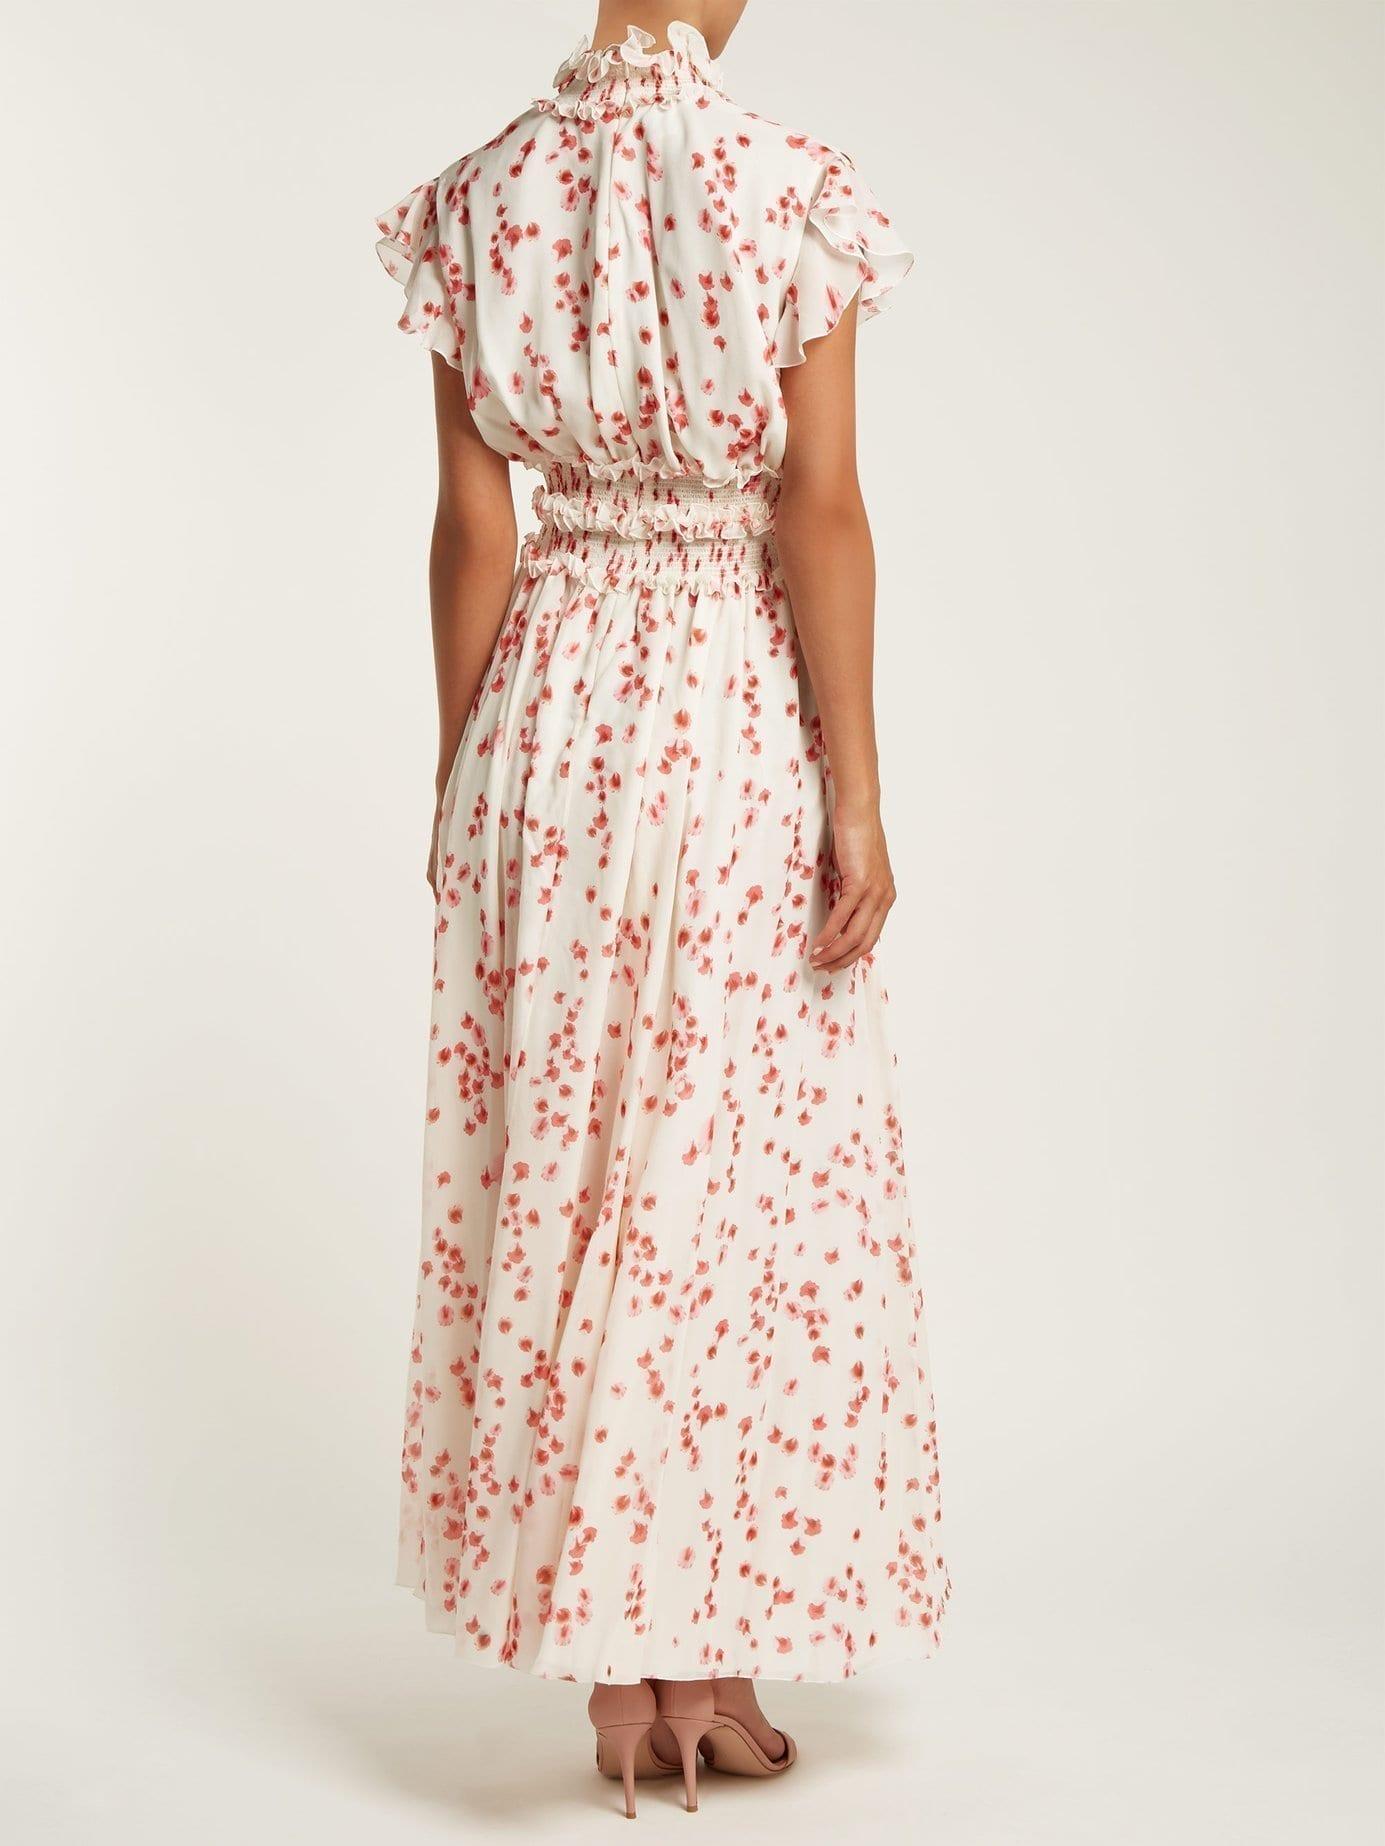 Giambattista Valli Petal Print Ruffled Silk Chiffon White Dress